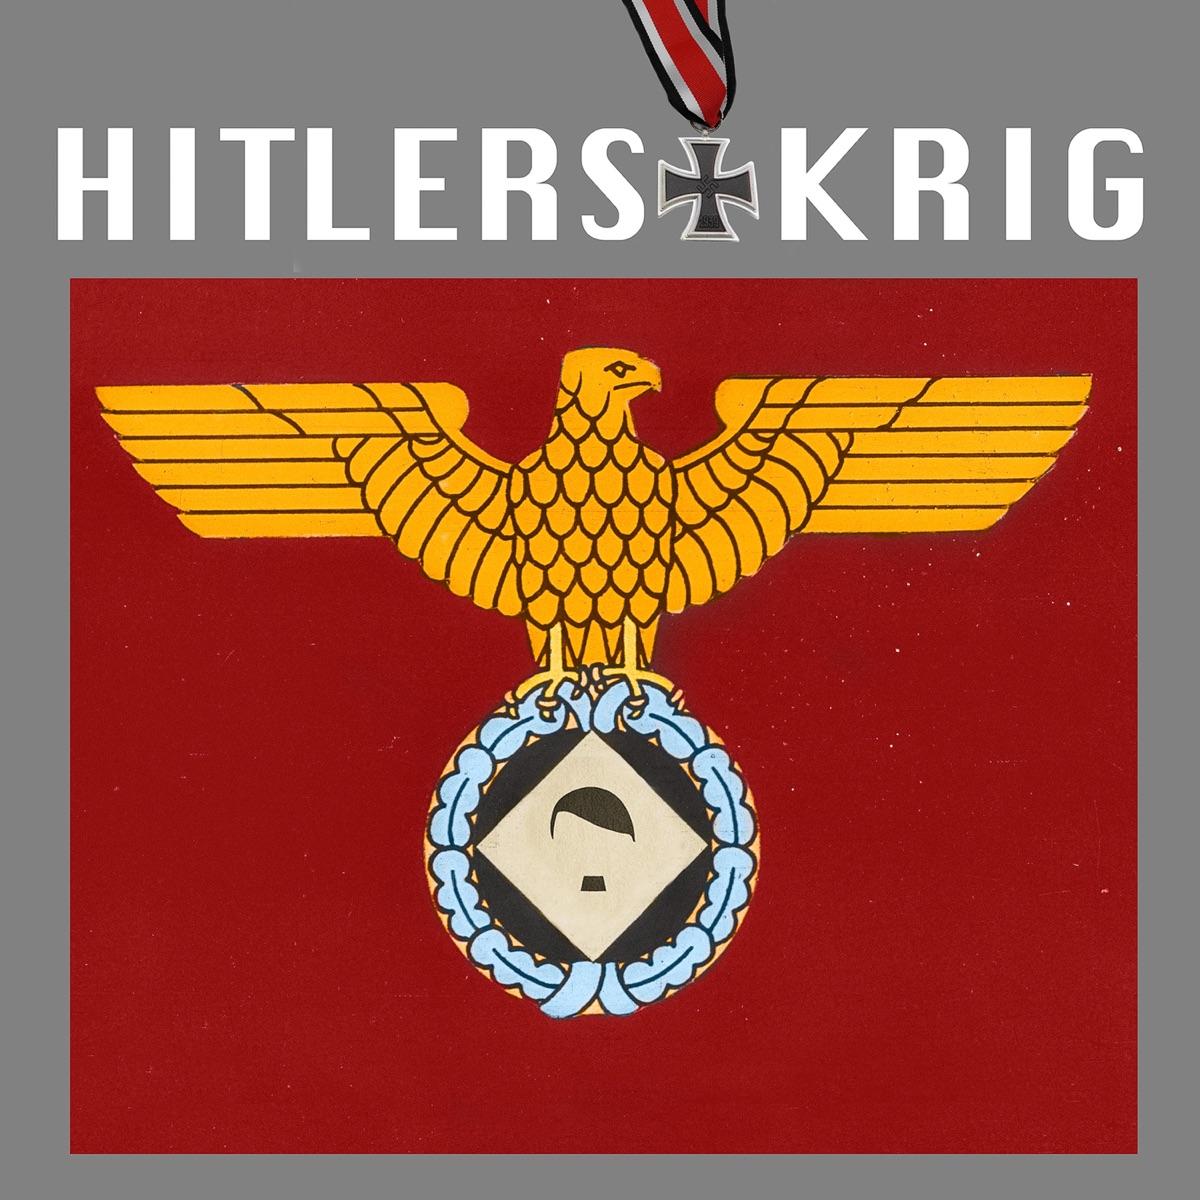 Hitlers krig